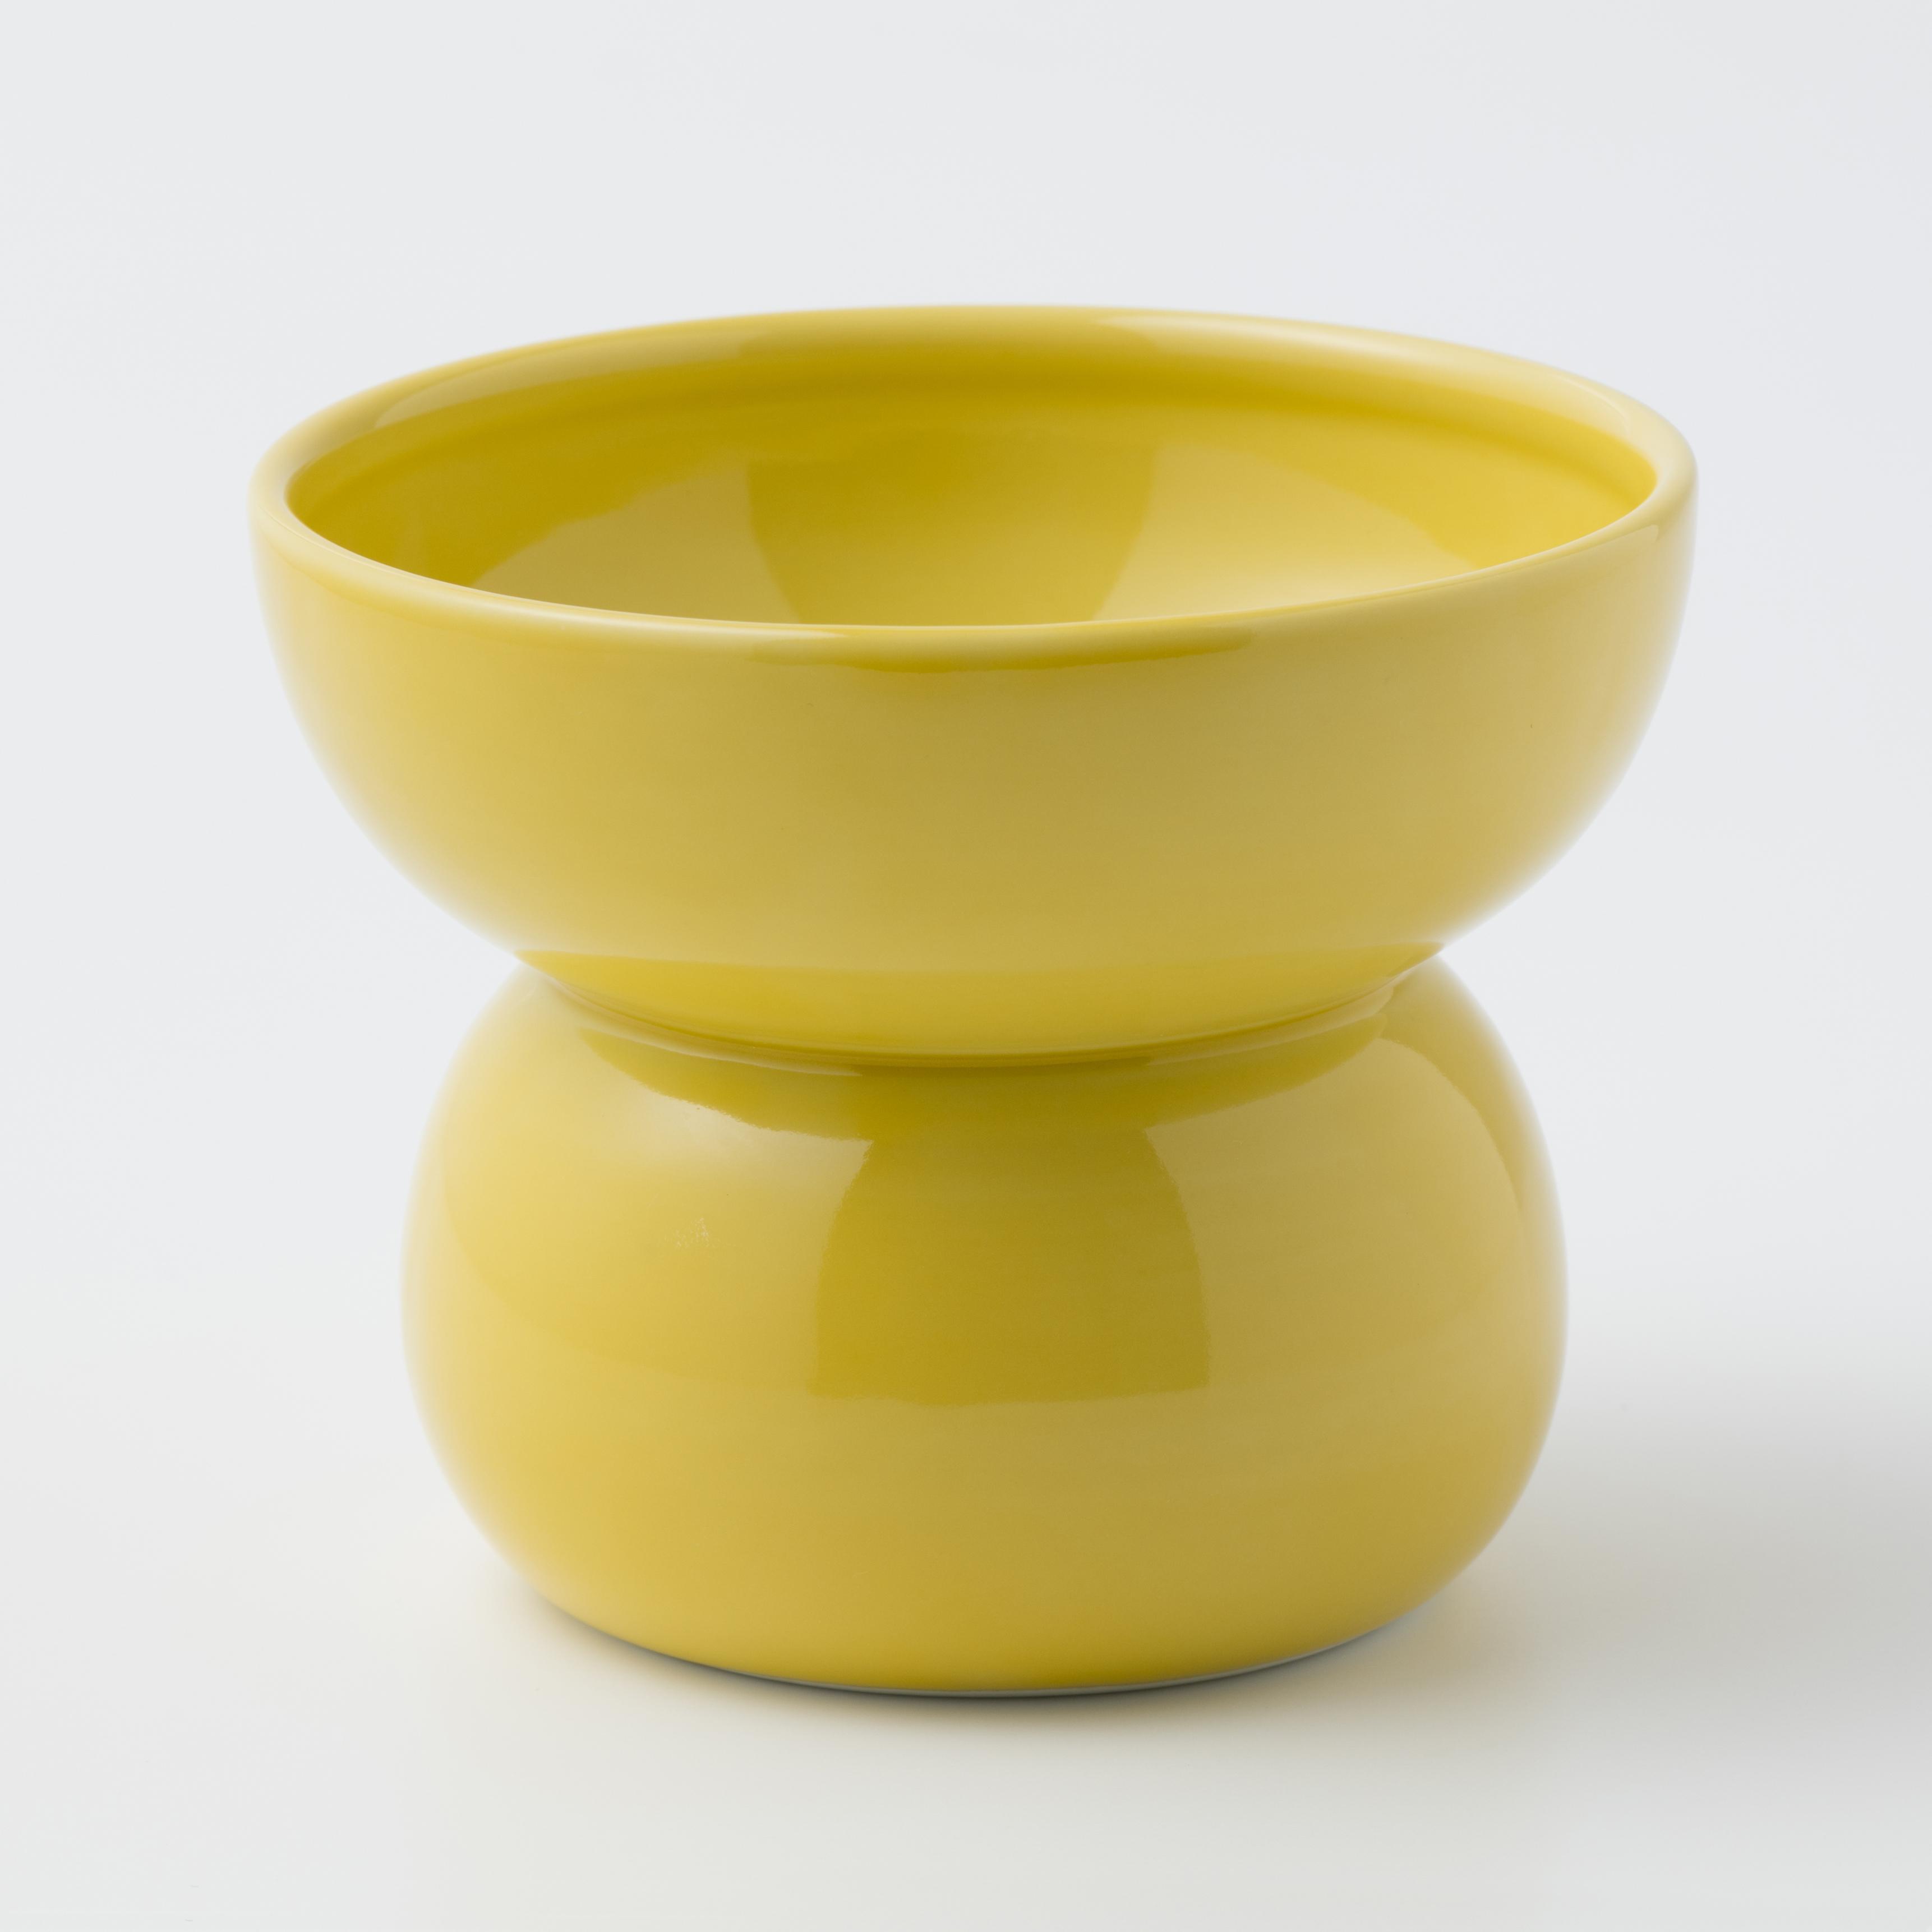 有田焼【まどか】 ハイタイプ(フード用) イエロー 製造:江口製陶所